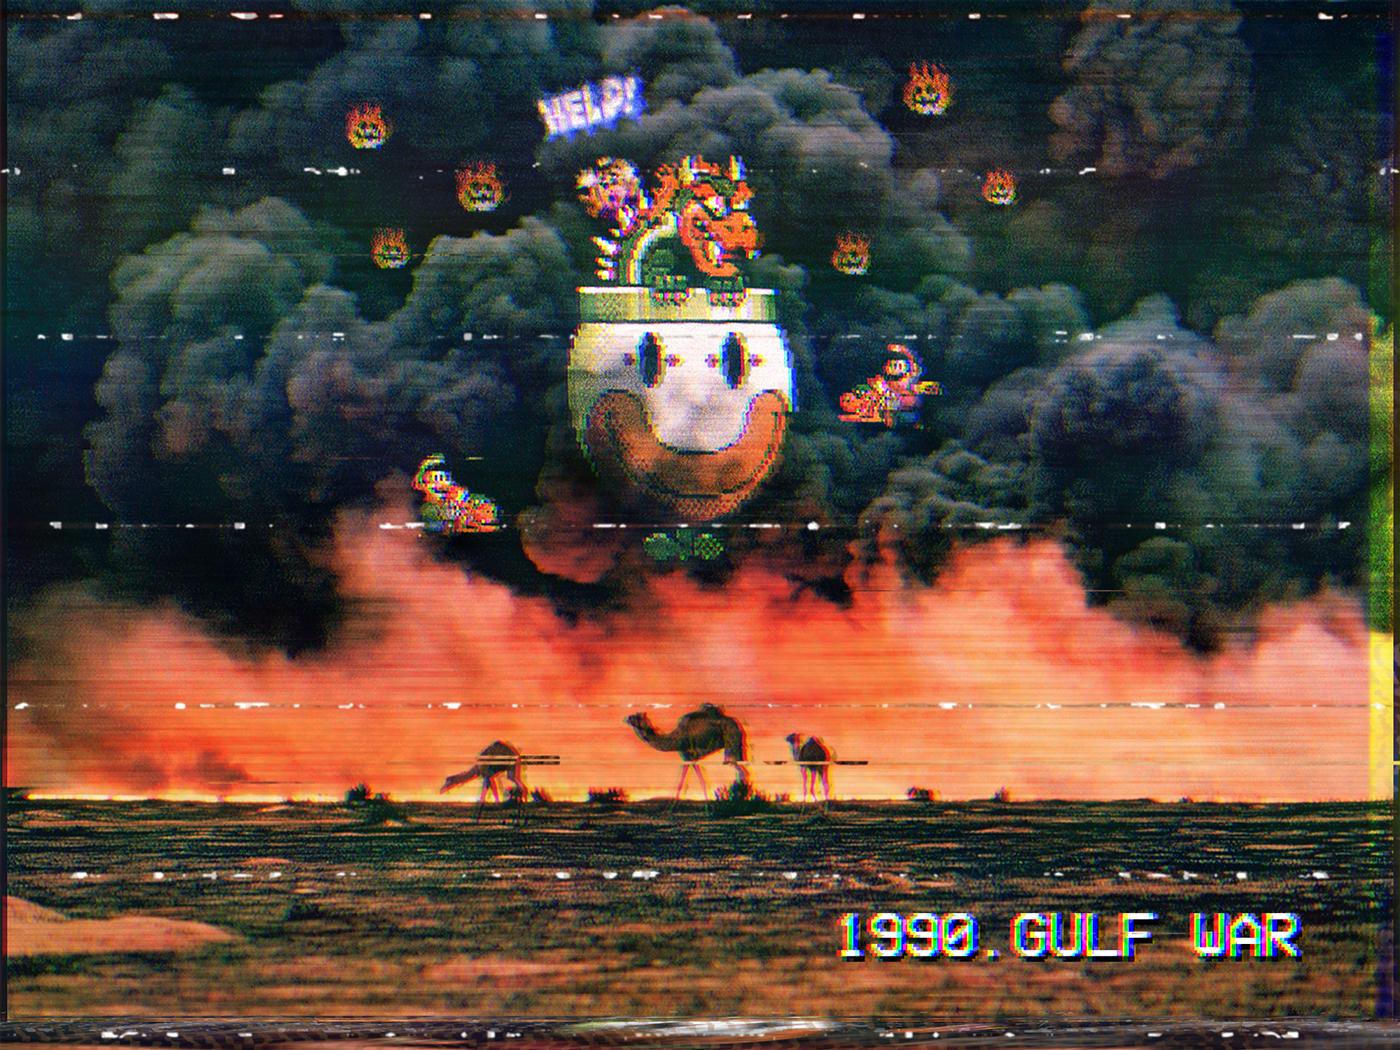 mario bros 30 anos de historia do game11 - MarioBros um game com 30 anos de história